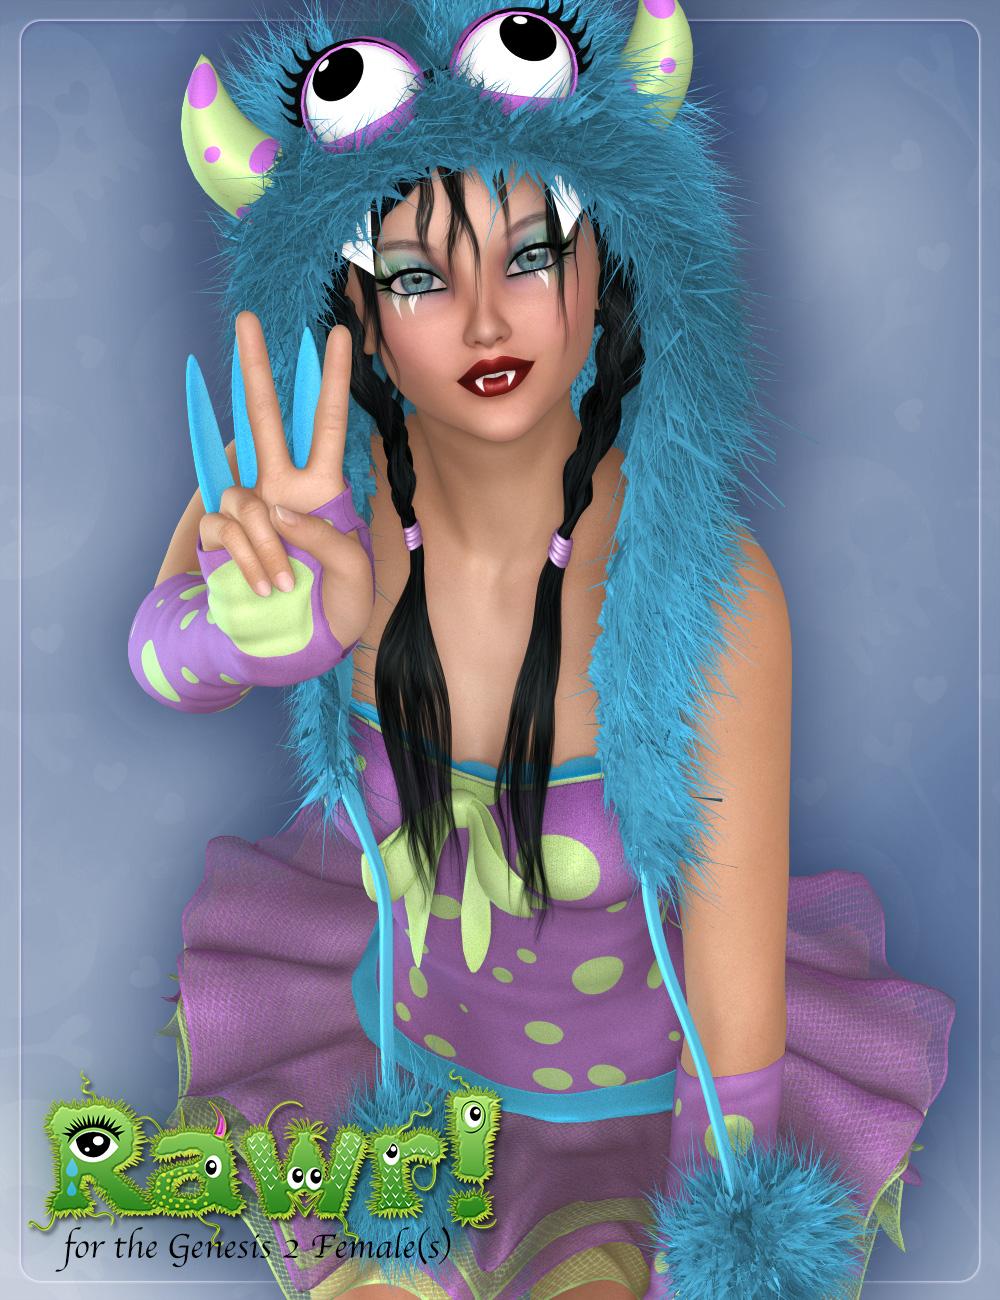 Rawr! Outfit by: JessaiiDemonicaEvilius, 3D Models by Daz 3D